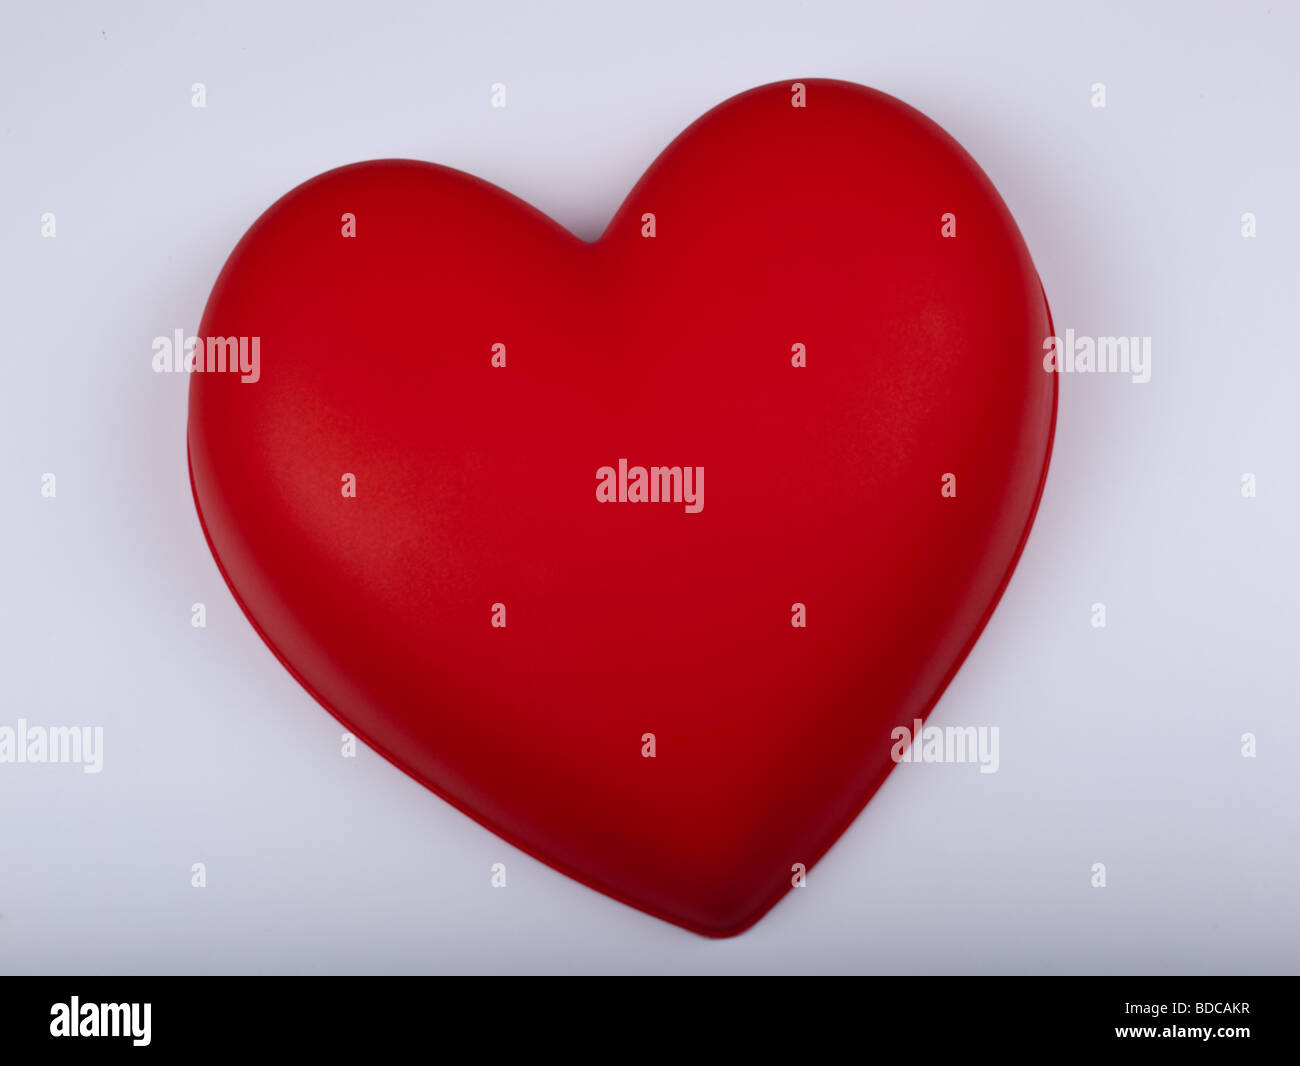 Rotes Herz aus Kunststoff liegt auf einem weißen Kunststoff-Hintergrund Stockbild